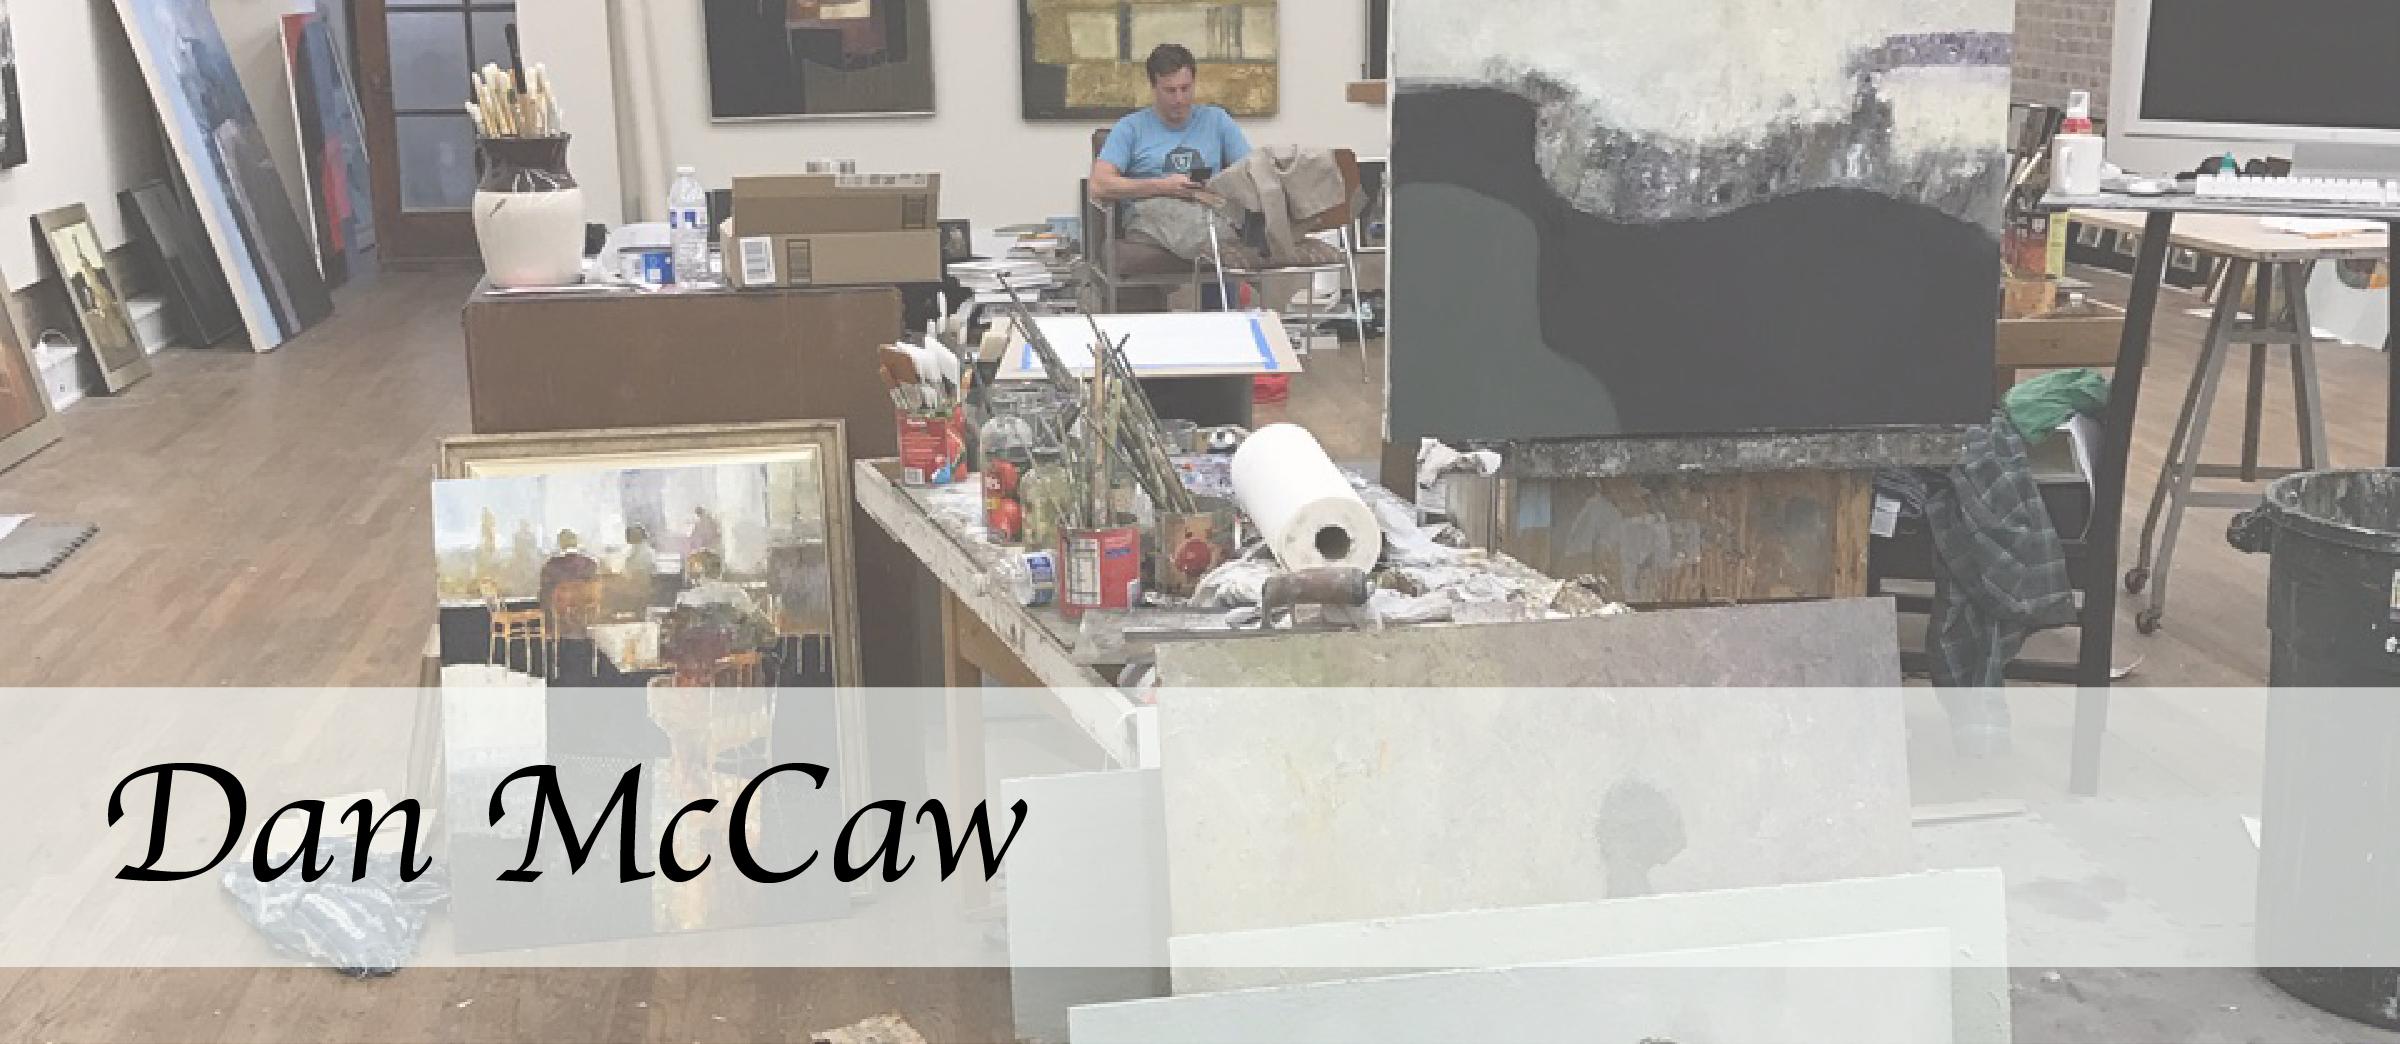 McCaw_Dan_Banner